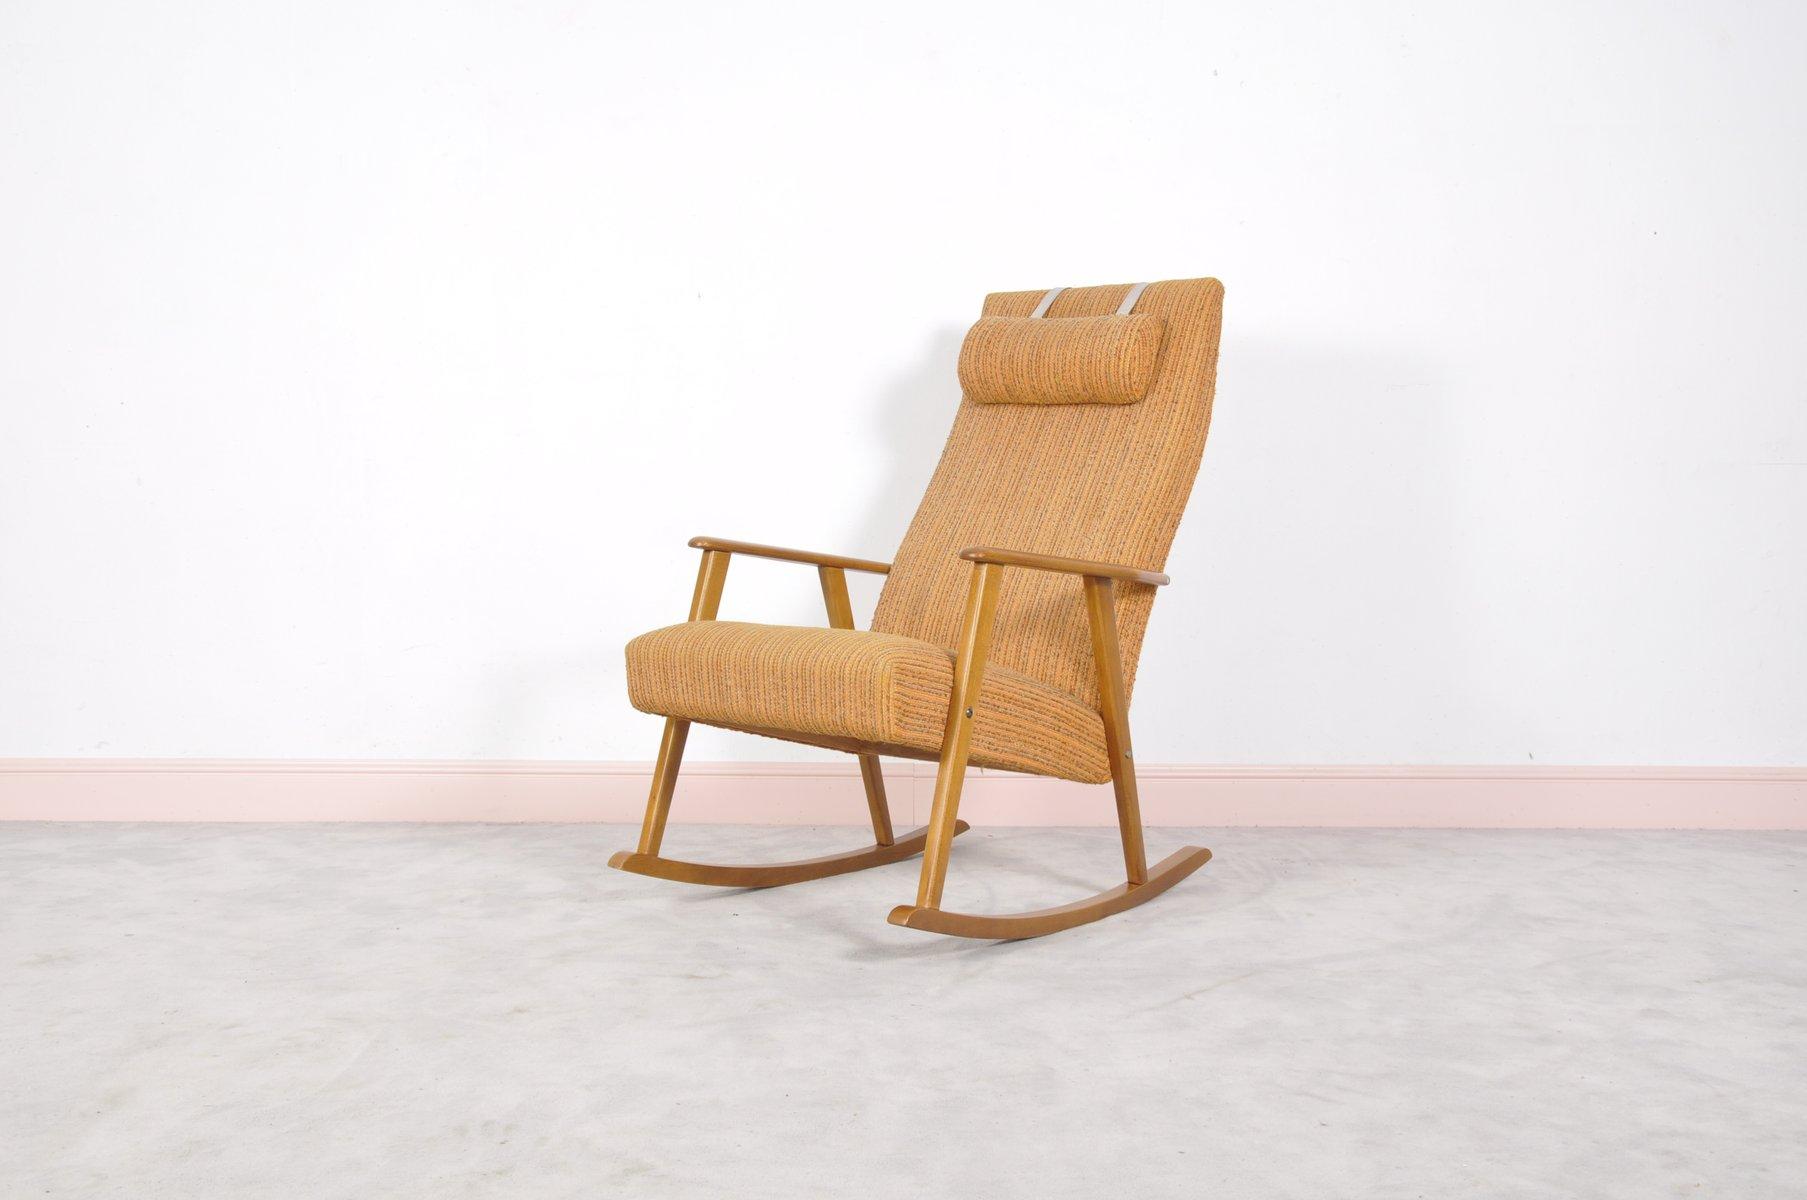 Fabelhaft Schaukelstuhl Modern Referenz Von Schwedischer Mid-century Von Johanson Design, 1960er